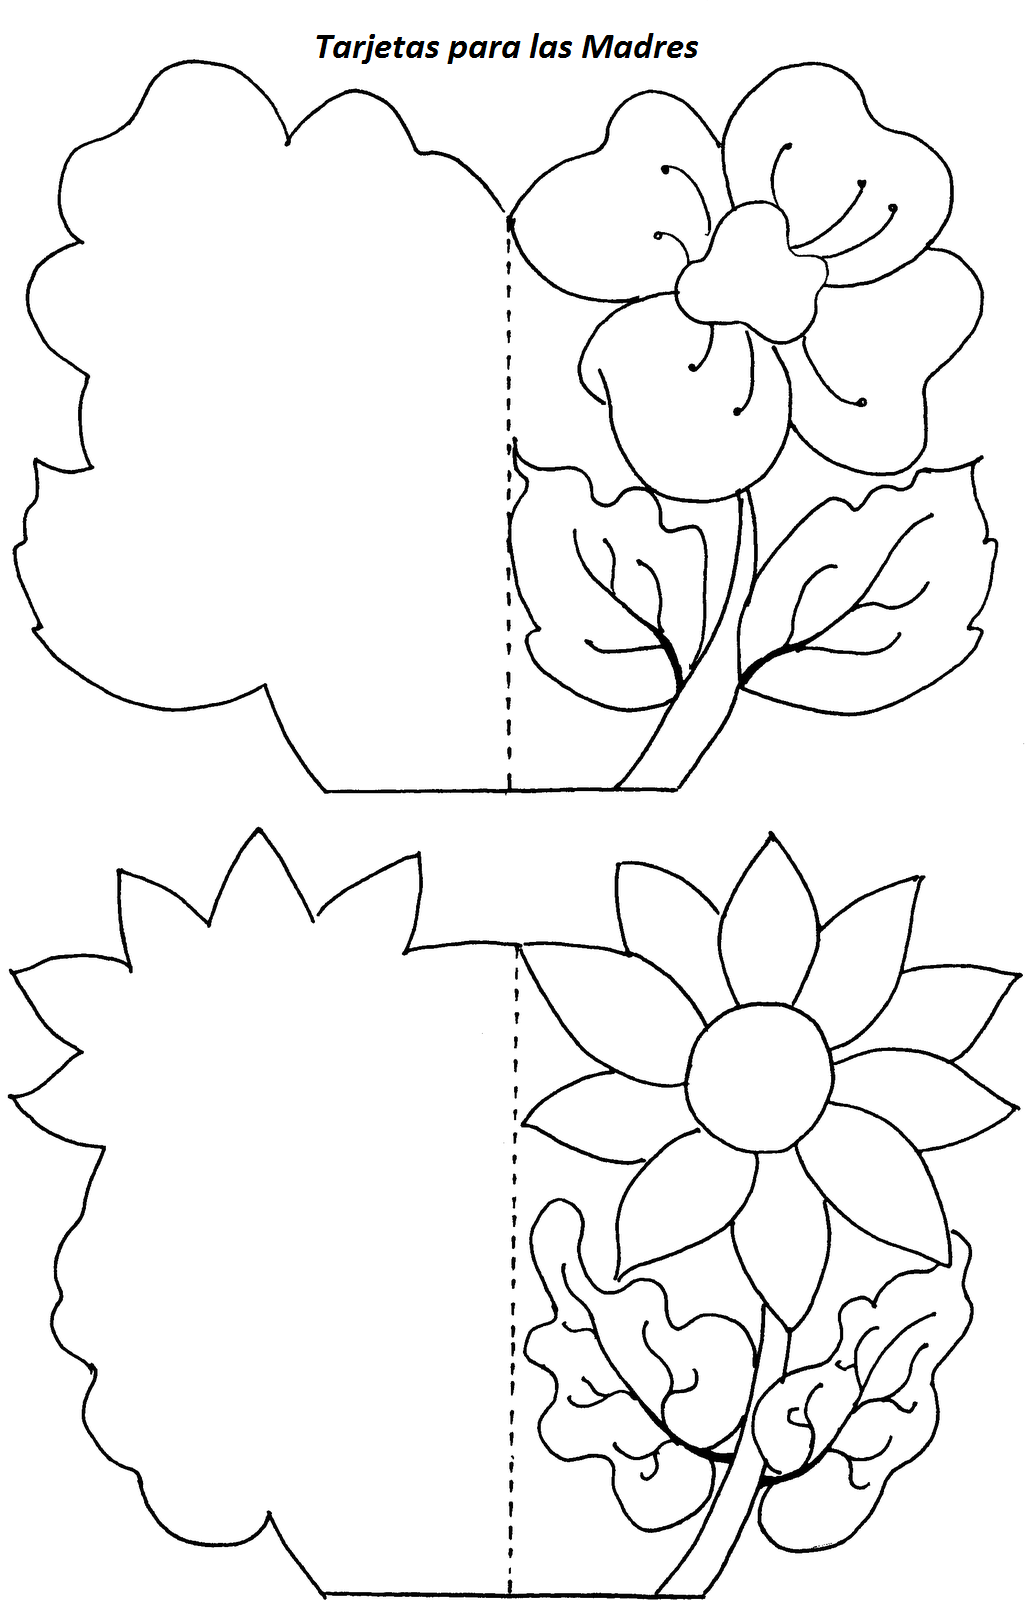 Tarjetas de la amistad para colorear - Imagui